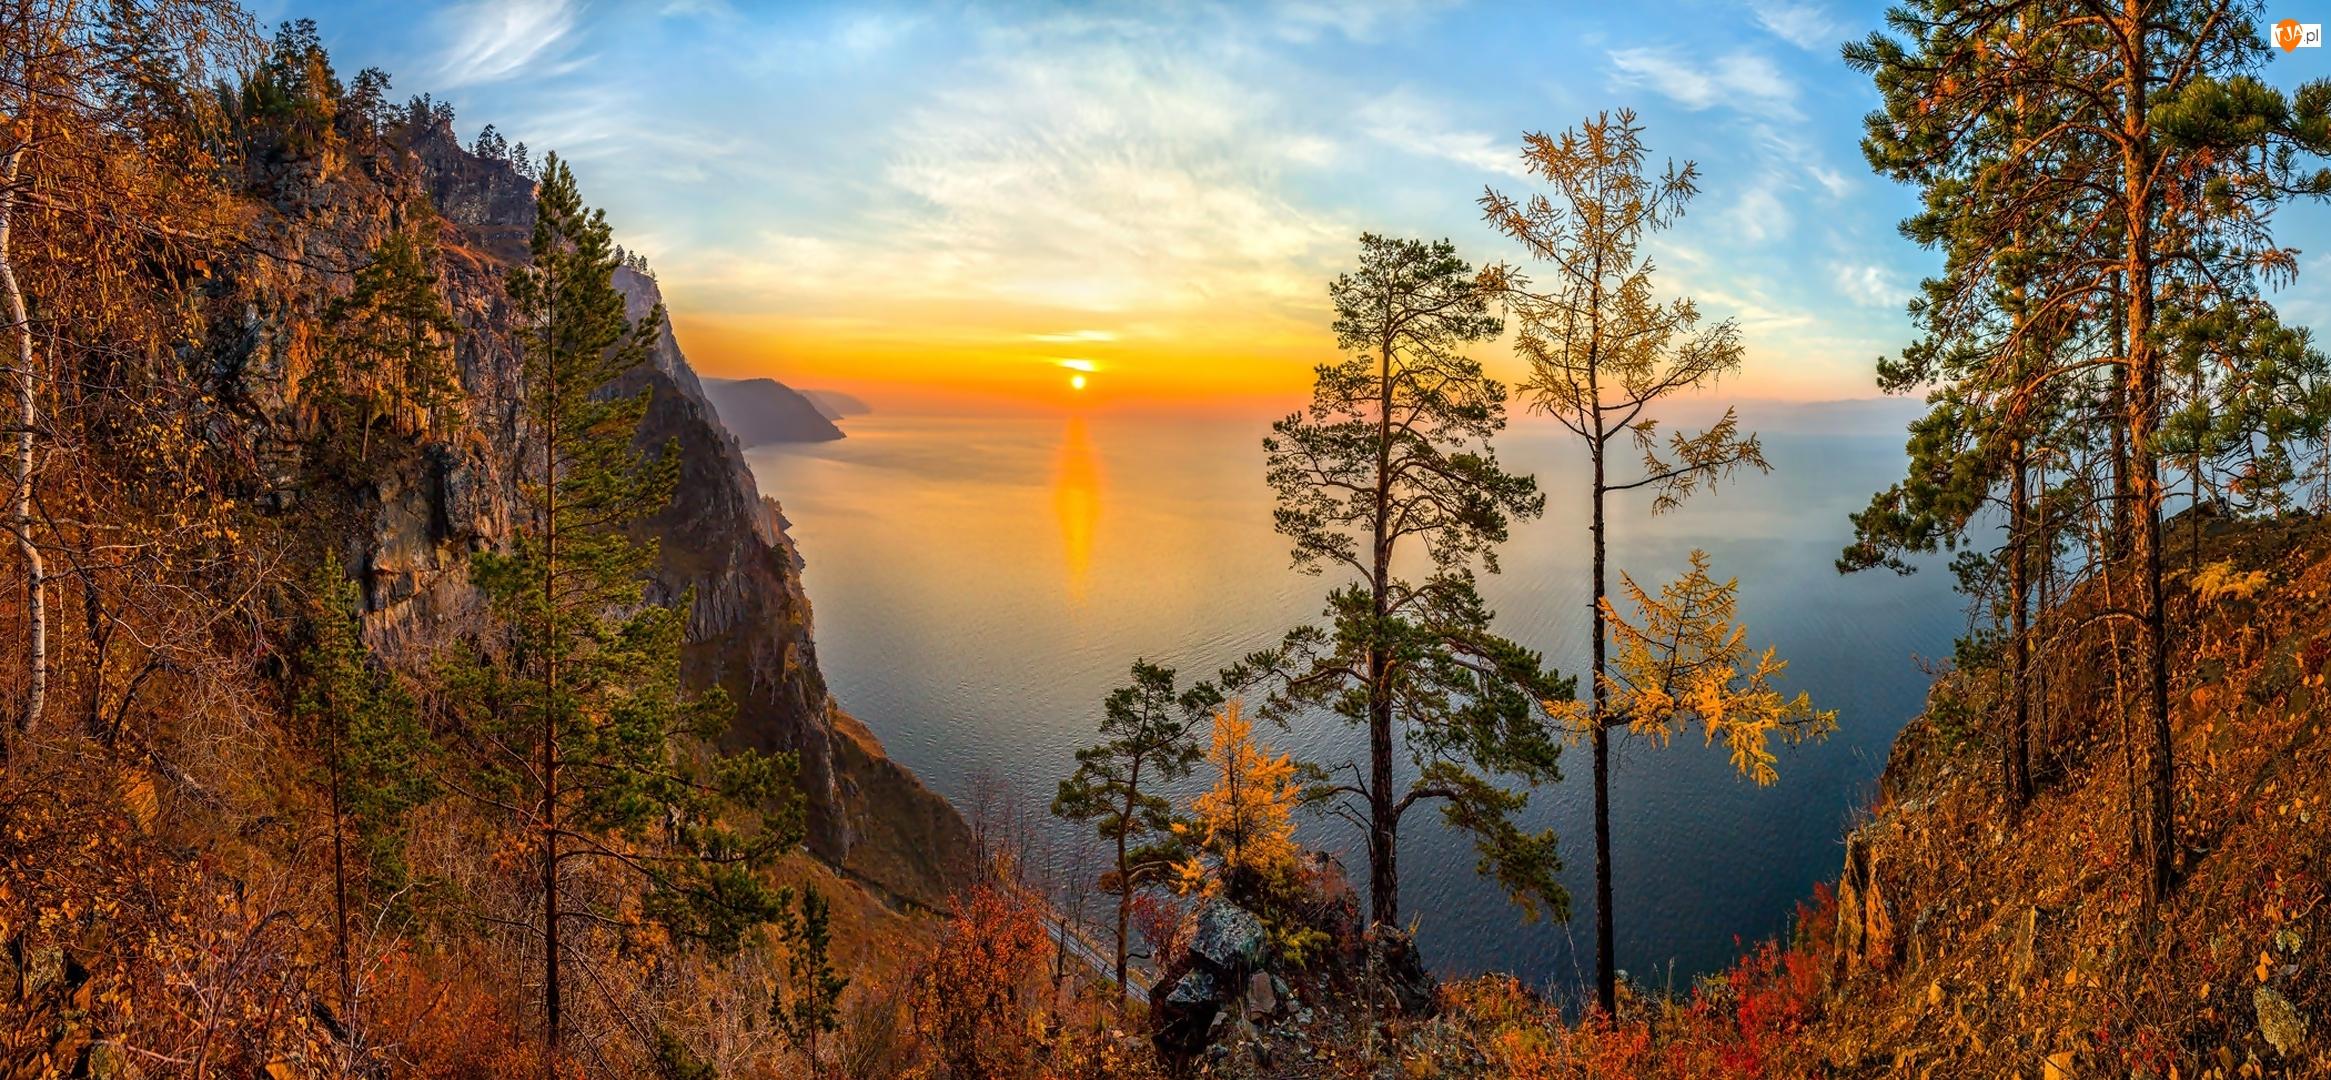 Drzewa, Rosja, Zachód słońca, Jezioro Bajkał, Jesień